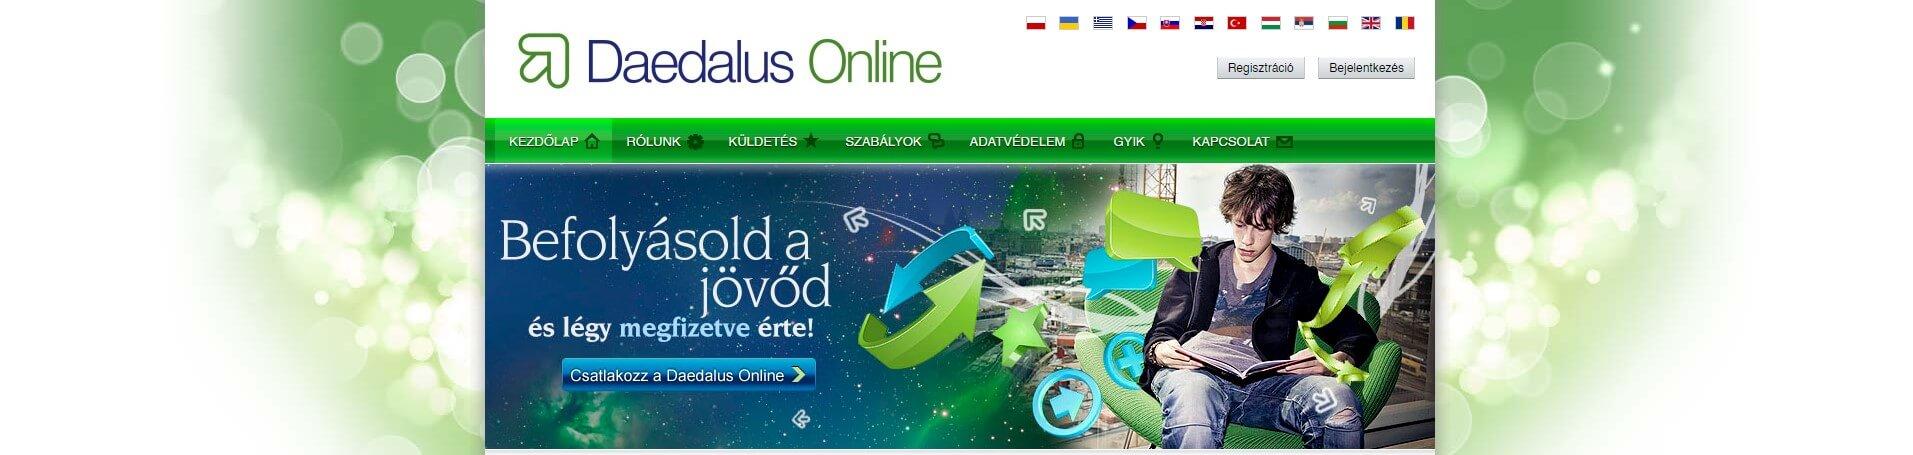 online kereseti oldal